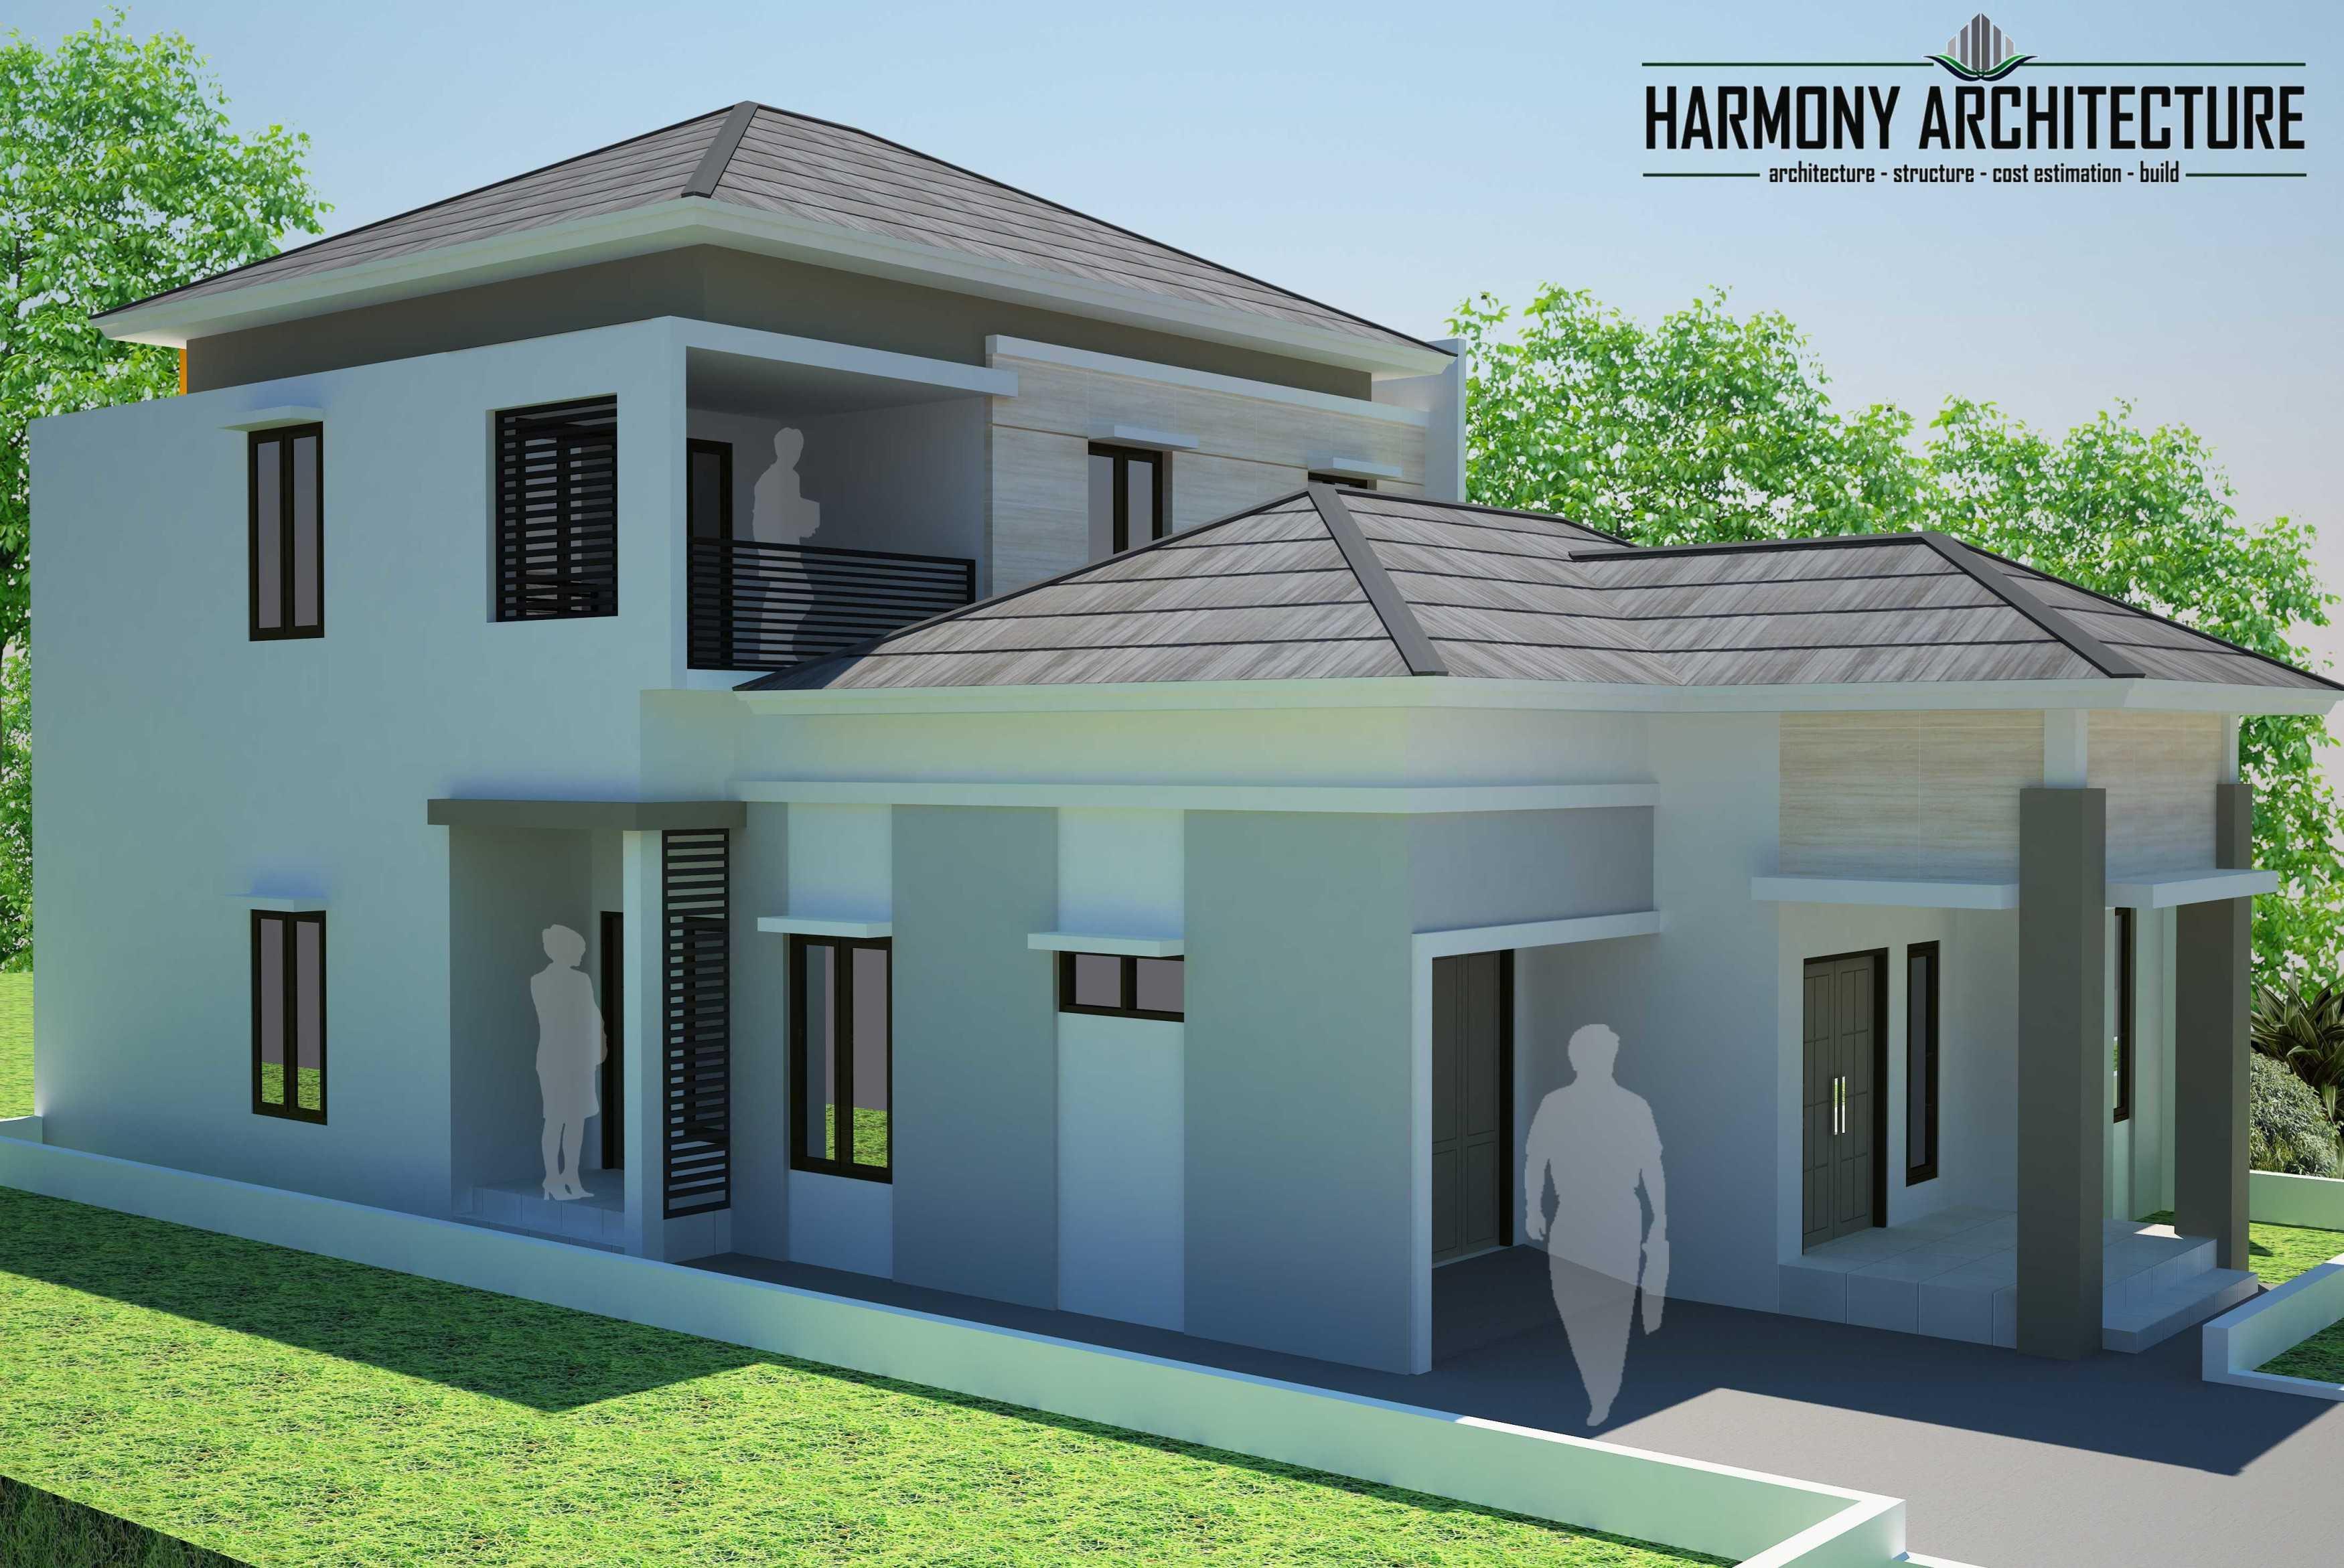 Harmony Architecture Rumah Minimalis Bapak R Ujung, Singkil, Kabupaten Aceh Singkil, Aceh, Indonesia Ujung, Singkil, Kabupaten Aceh Singkil, Aceh, Indonesia Side View  <P>Renovasi Rumah</p> 47749